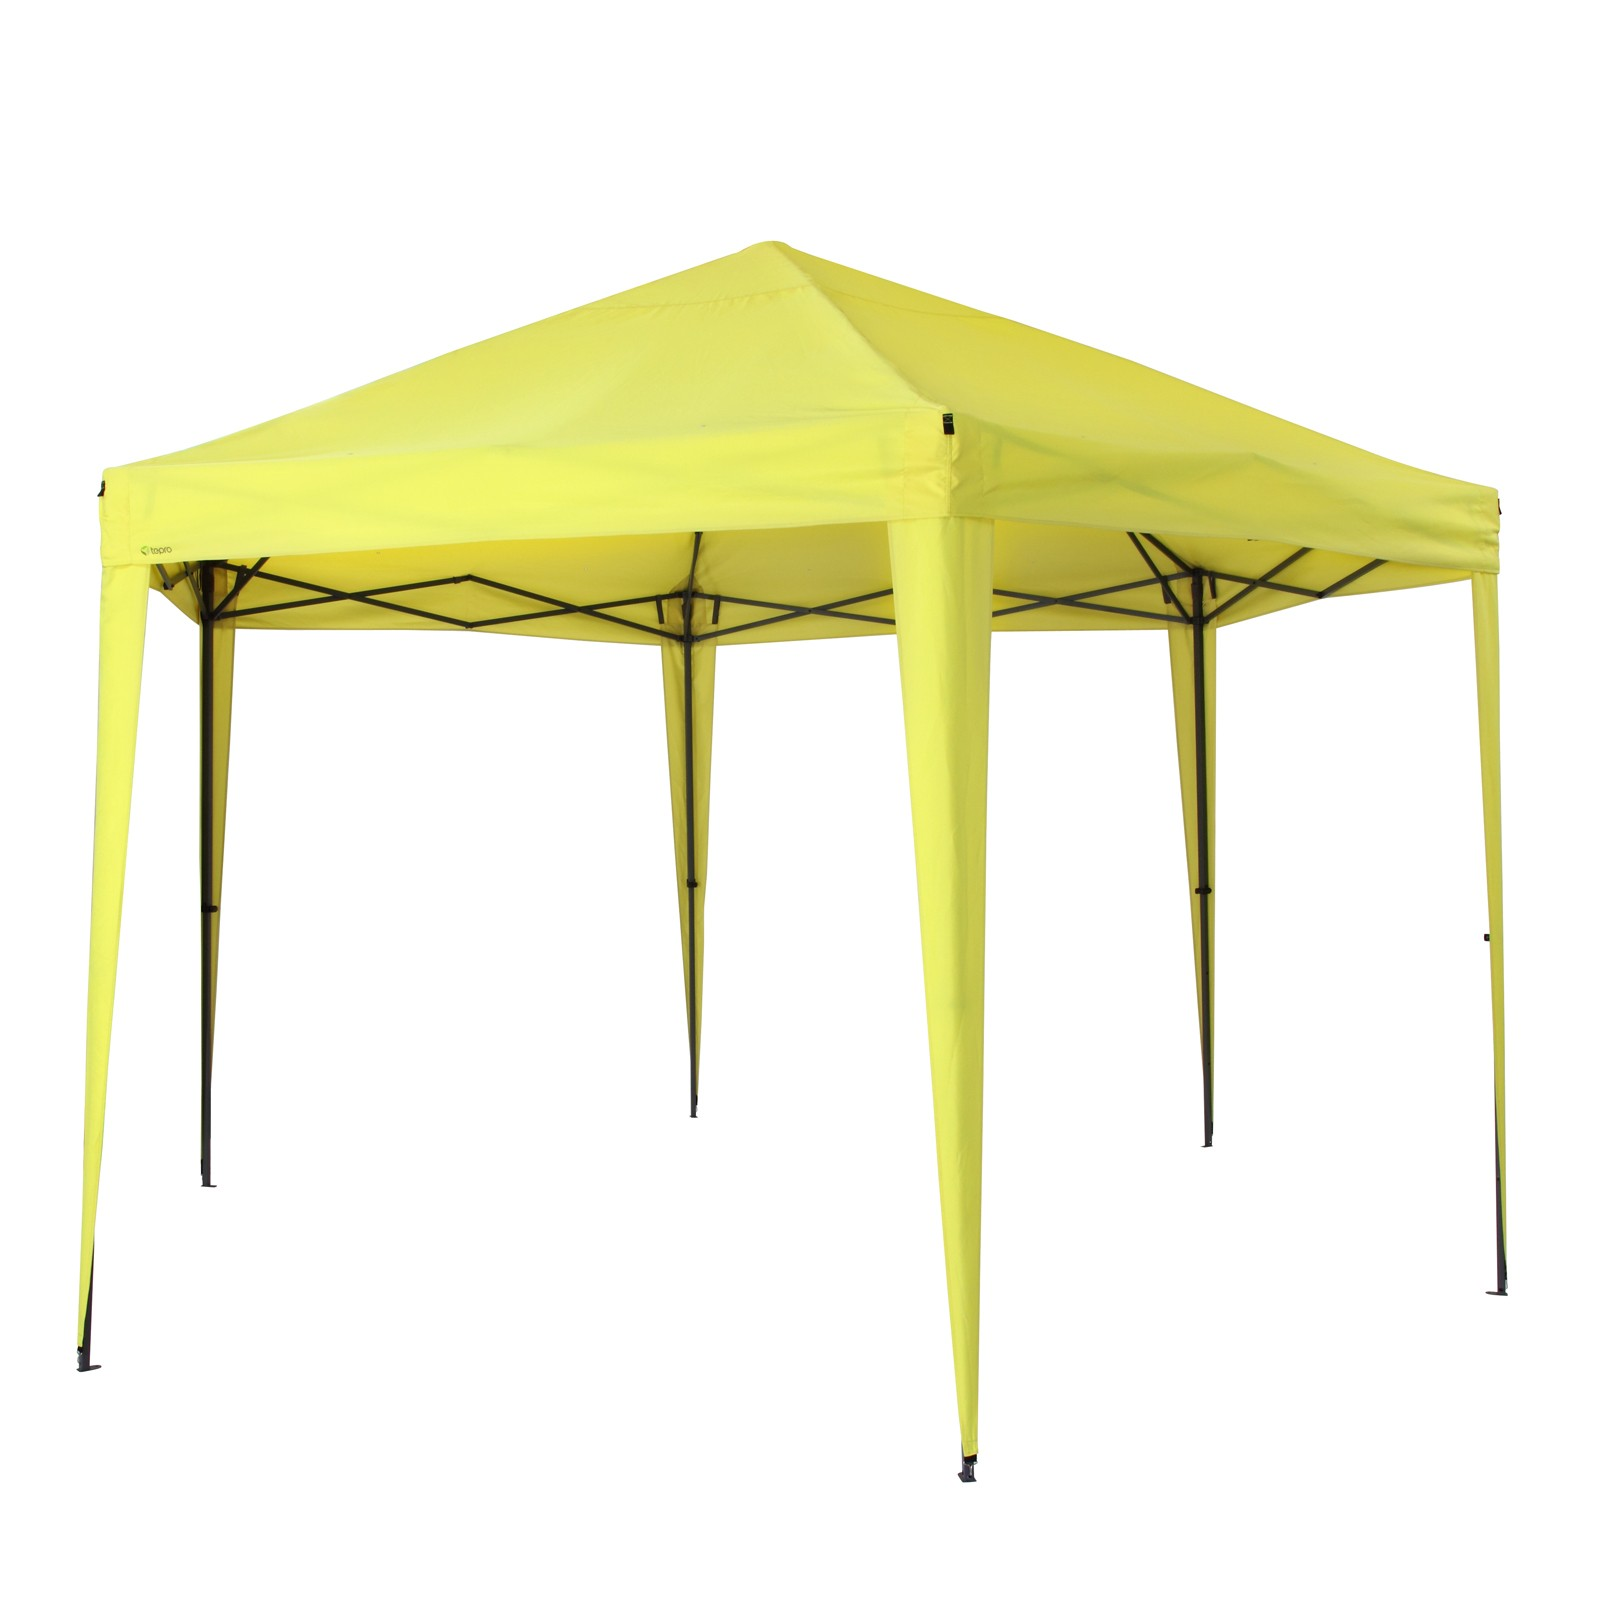 Tepro Pavillon Faltpavillon Gartenpavillon Aruba lemon Partyzelt Sonnenschutz 5504